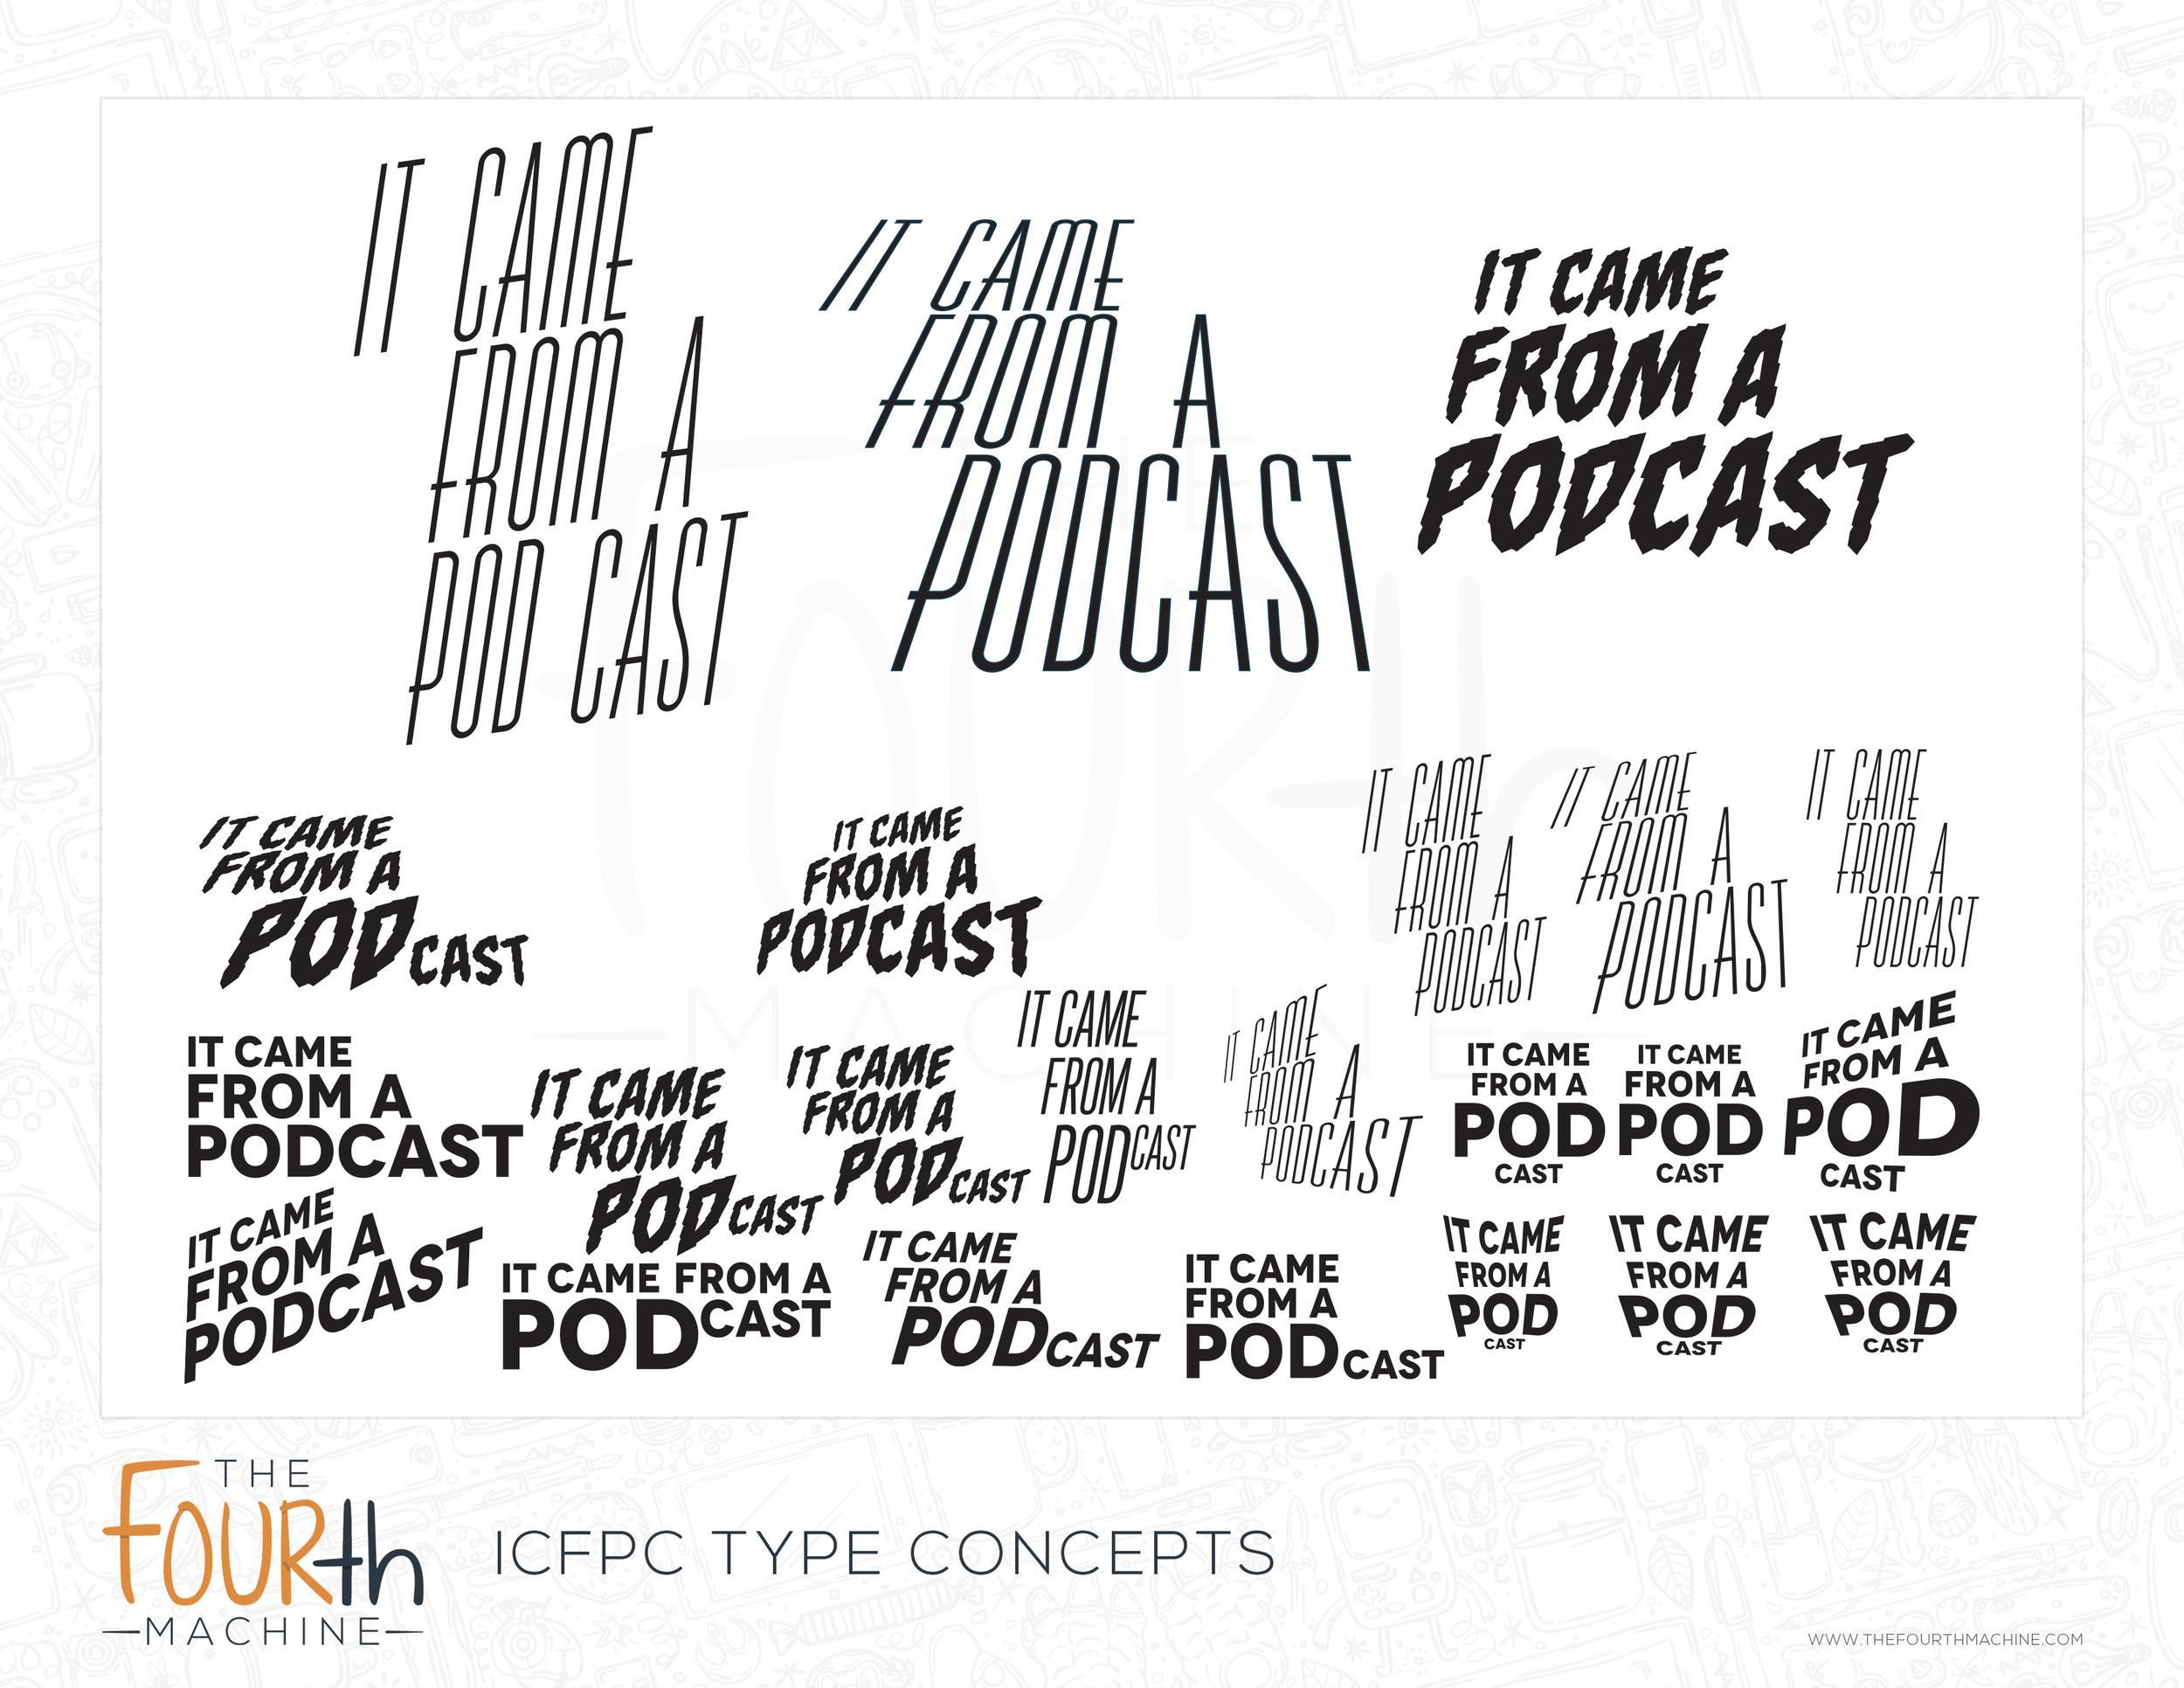 ICFPC_Type_Concepts.jpg